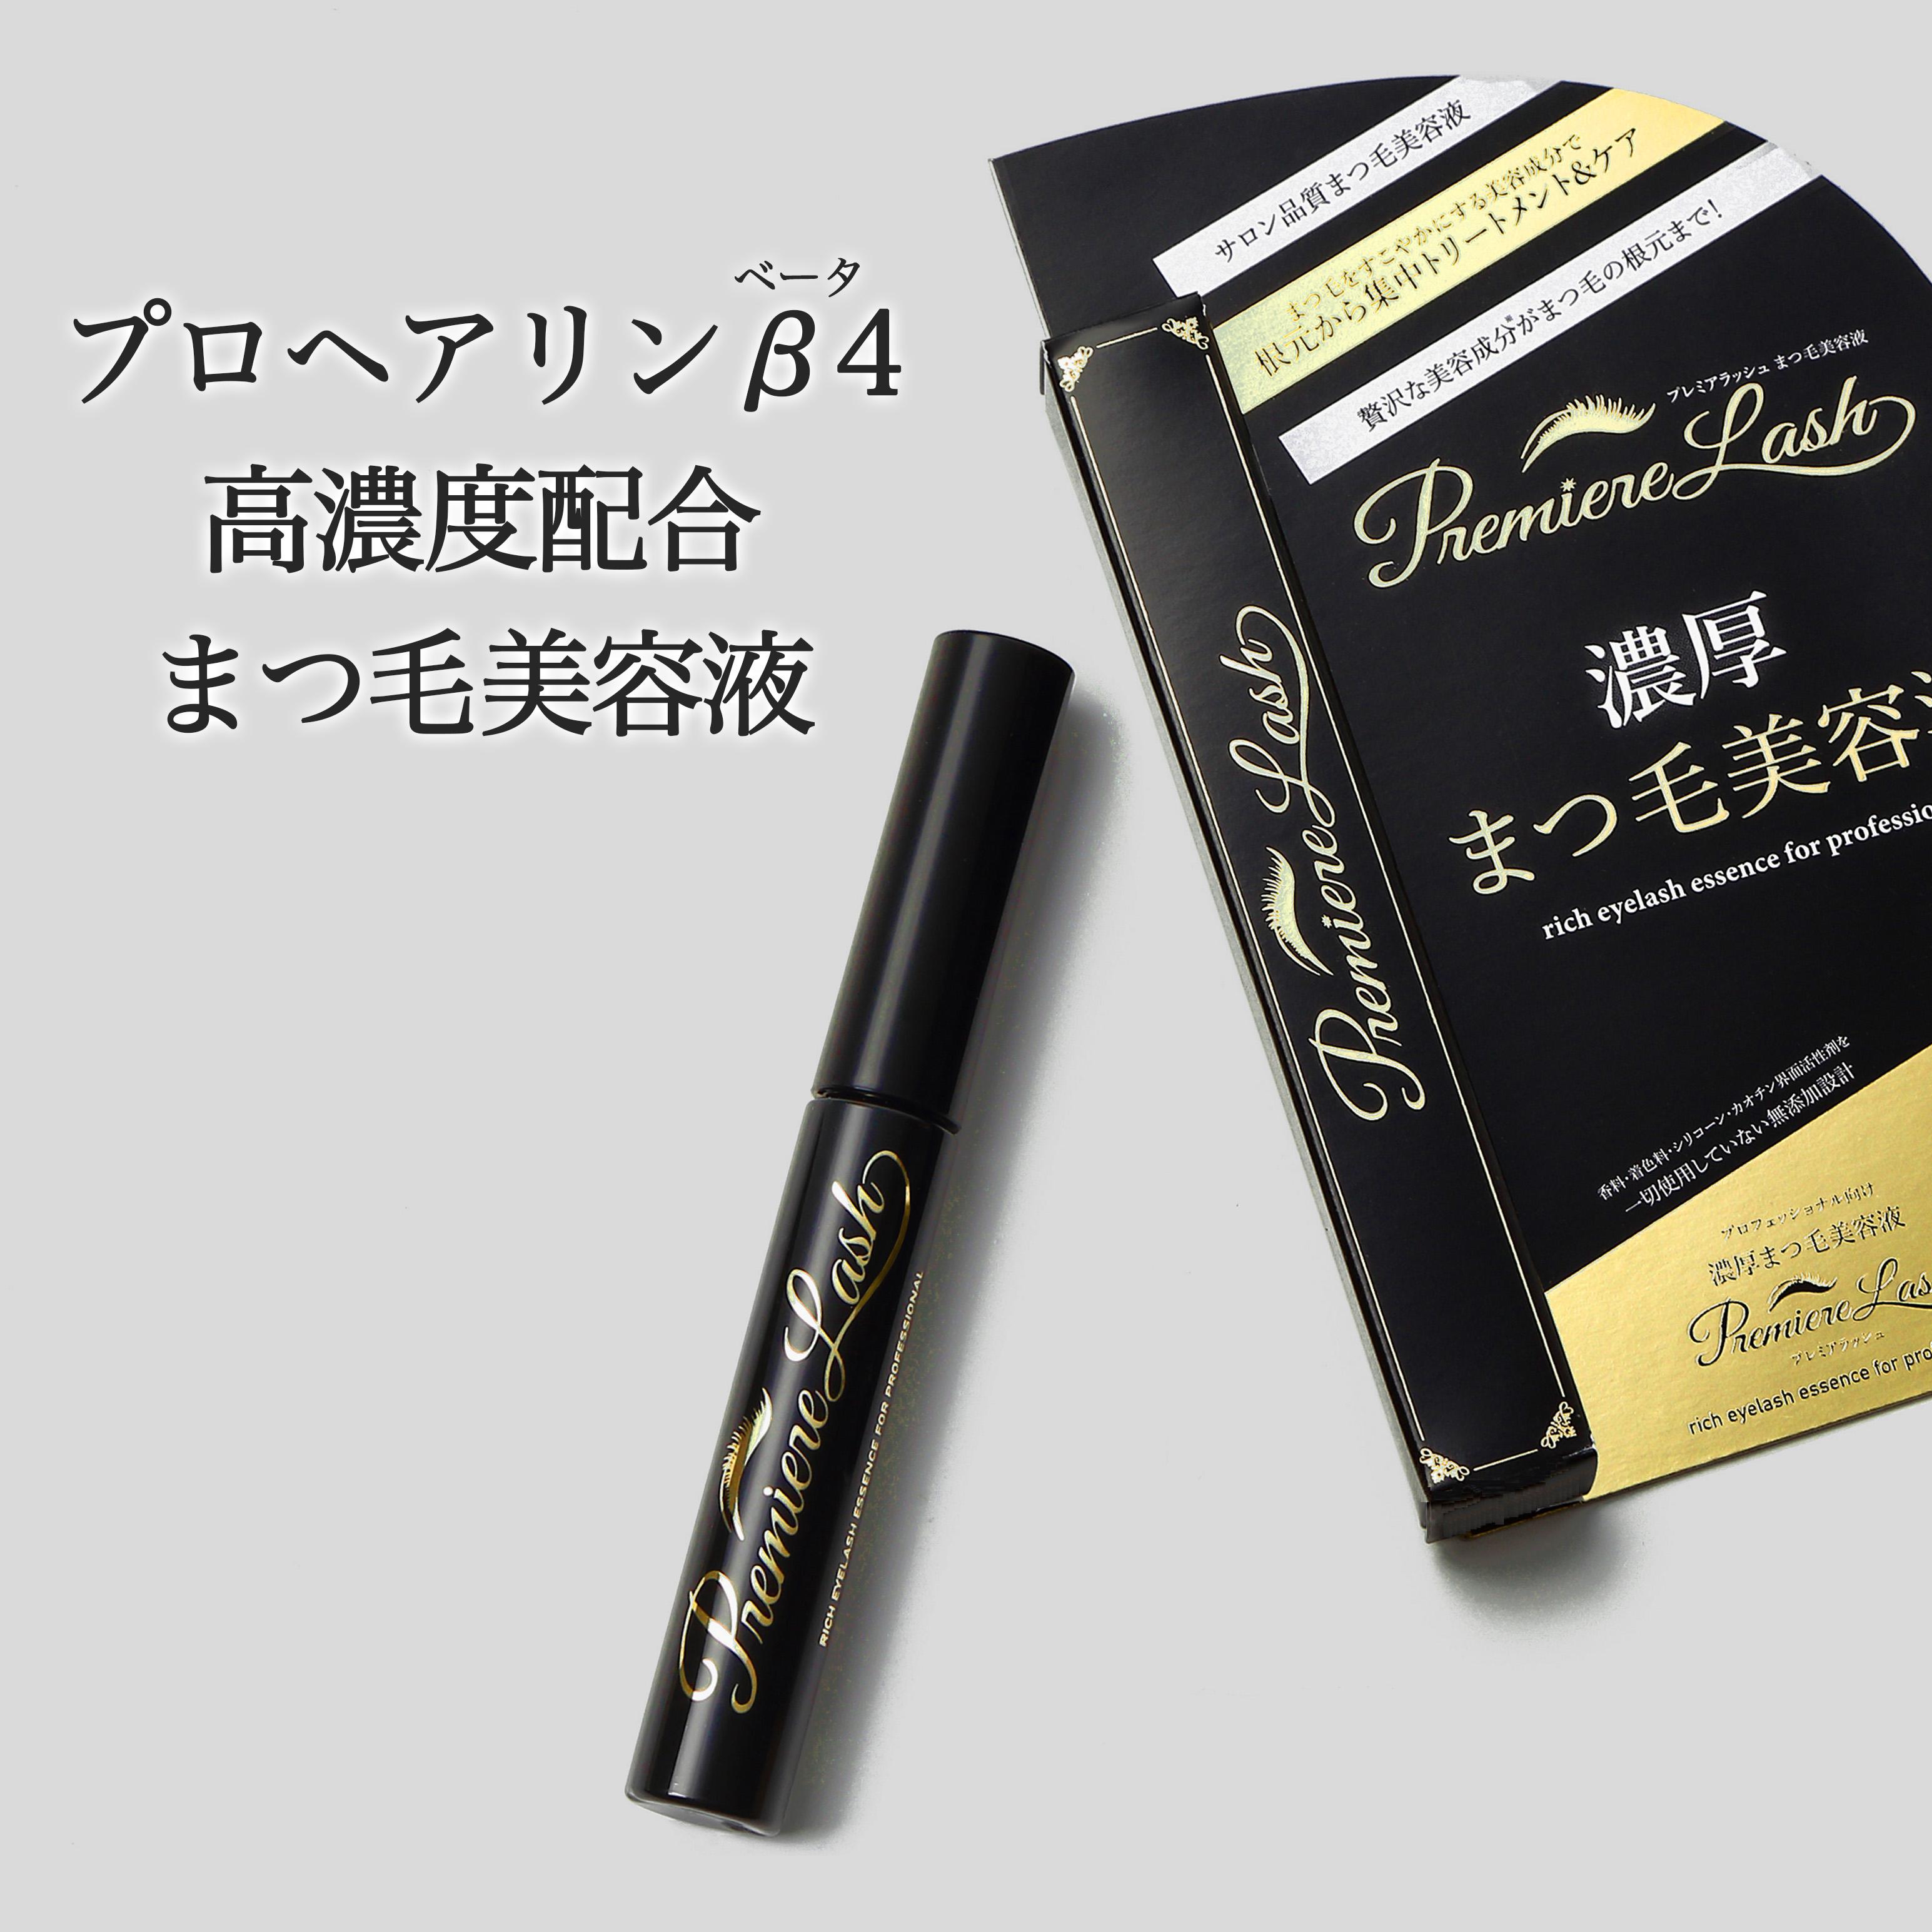 注目成分プリヘアリンβ4配合のまつ毛美容液 プレミアラッシュ プロへリアンβ4高濃度配合 まつ毛美容液 日本産 高品質 7ml 時間指定不可